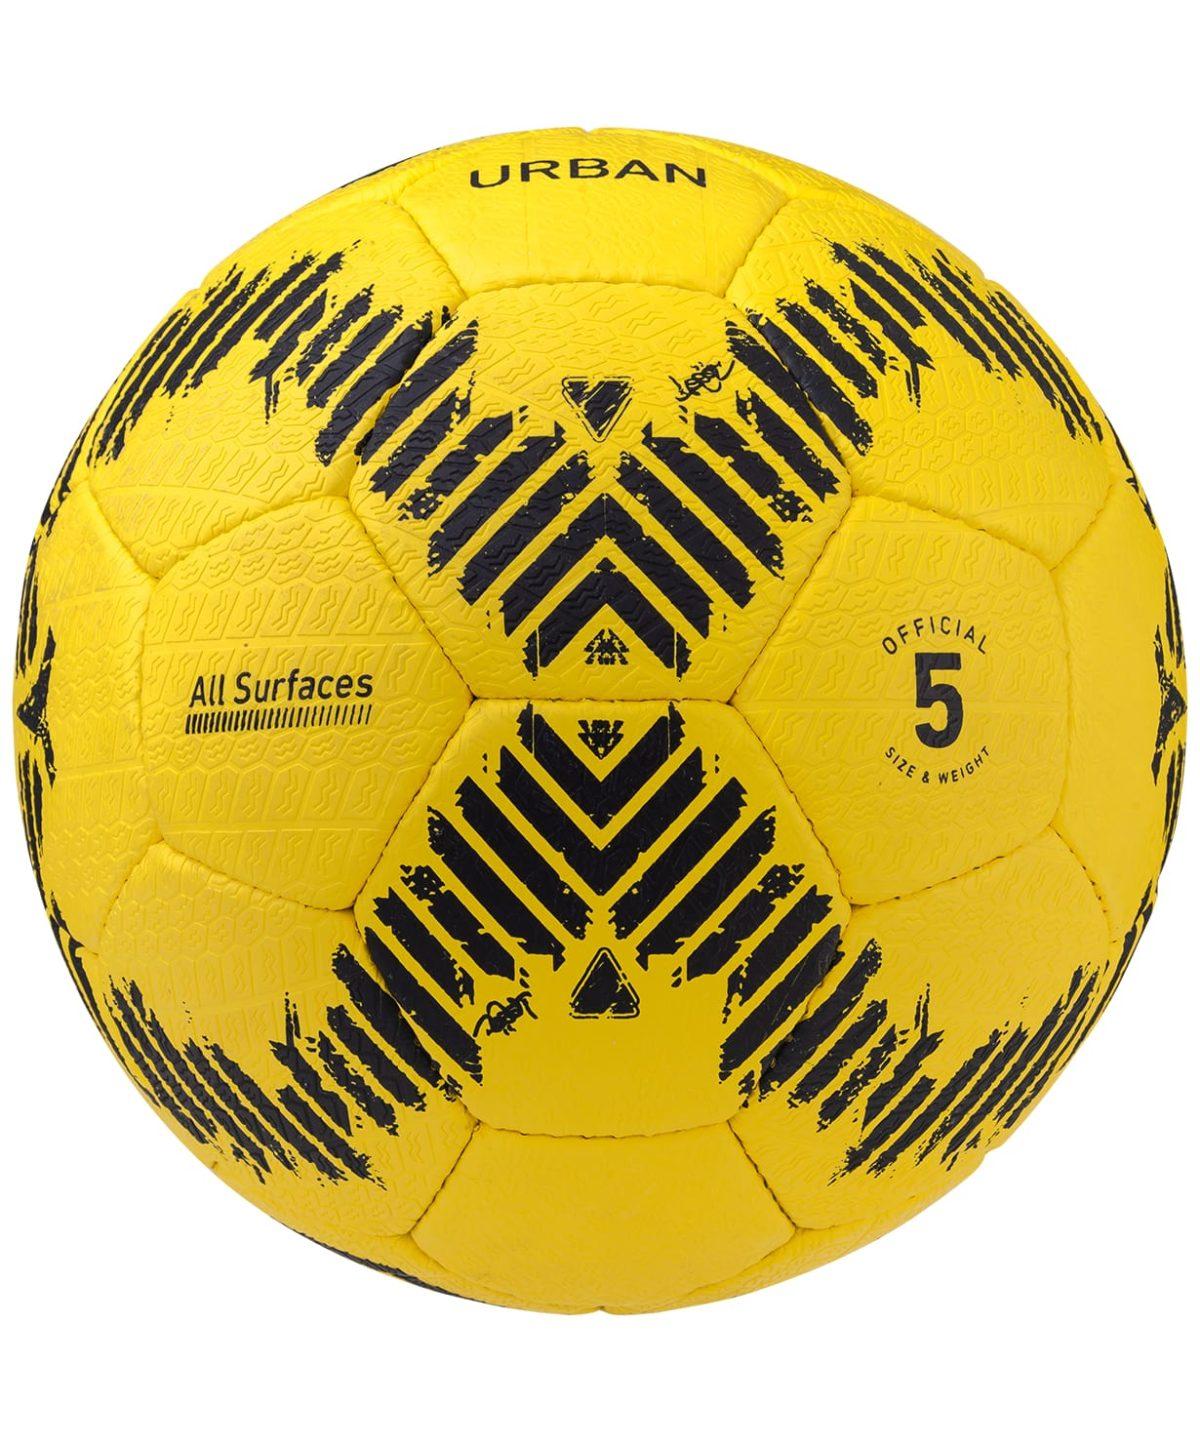 JOGEL Urban Мяч футбольный  JS-1110 №5: жёлтый - 2